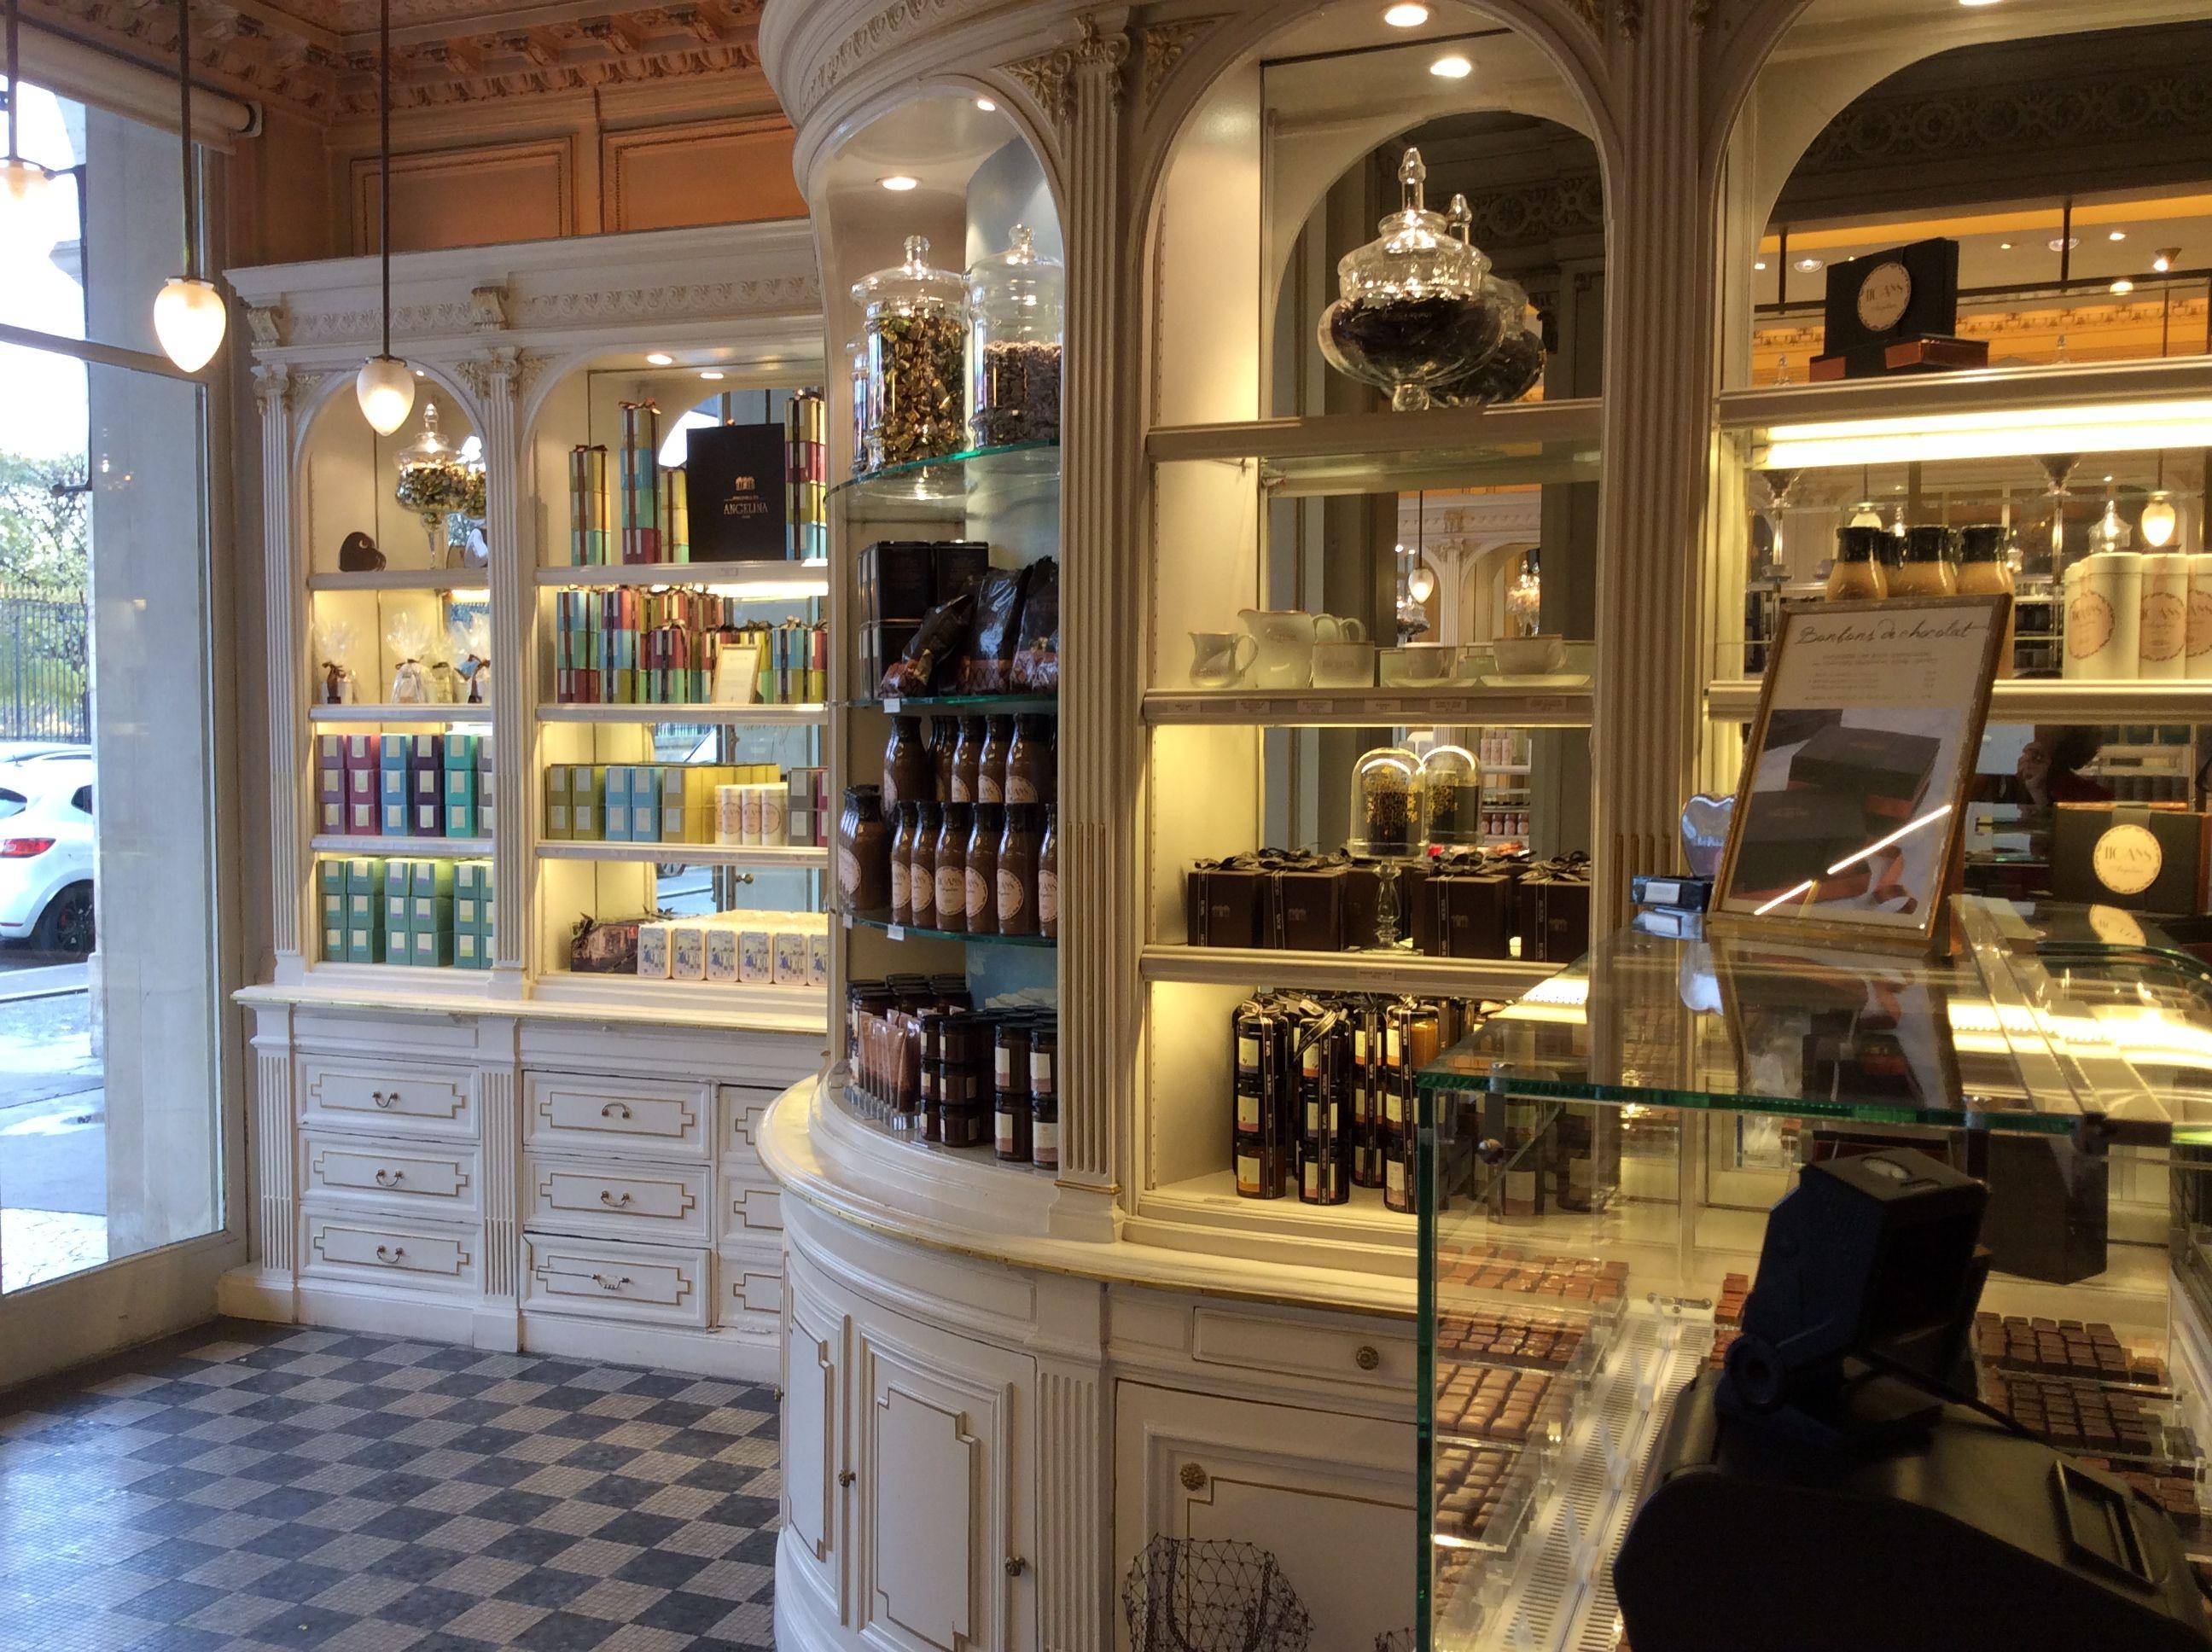 Salon de th angelina rivoli paris inspiration pour une belle boutique pinterest - Salon de the angelina paris ...